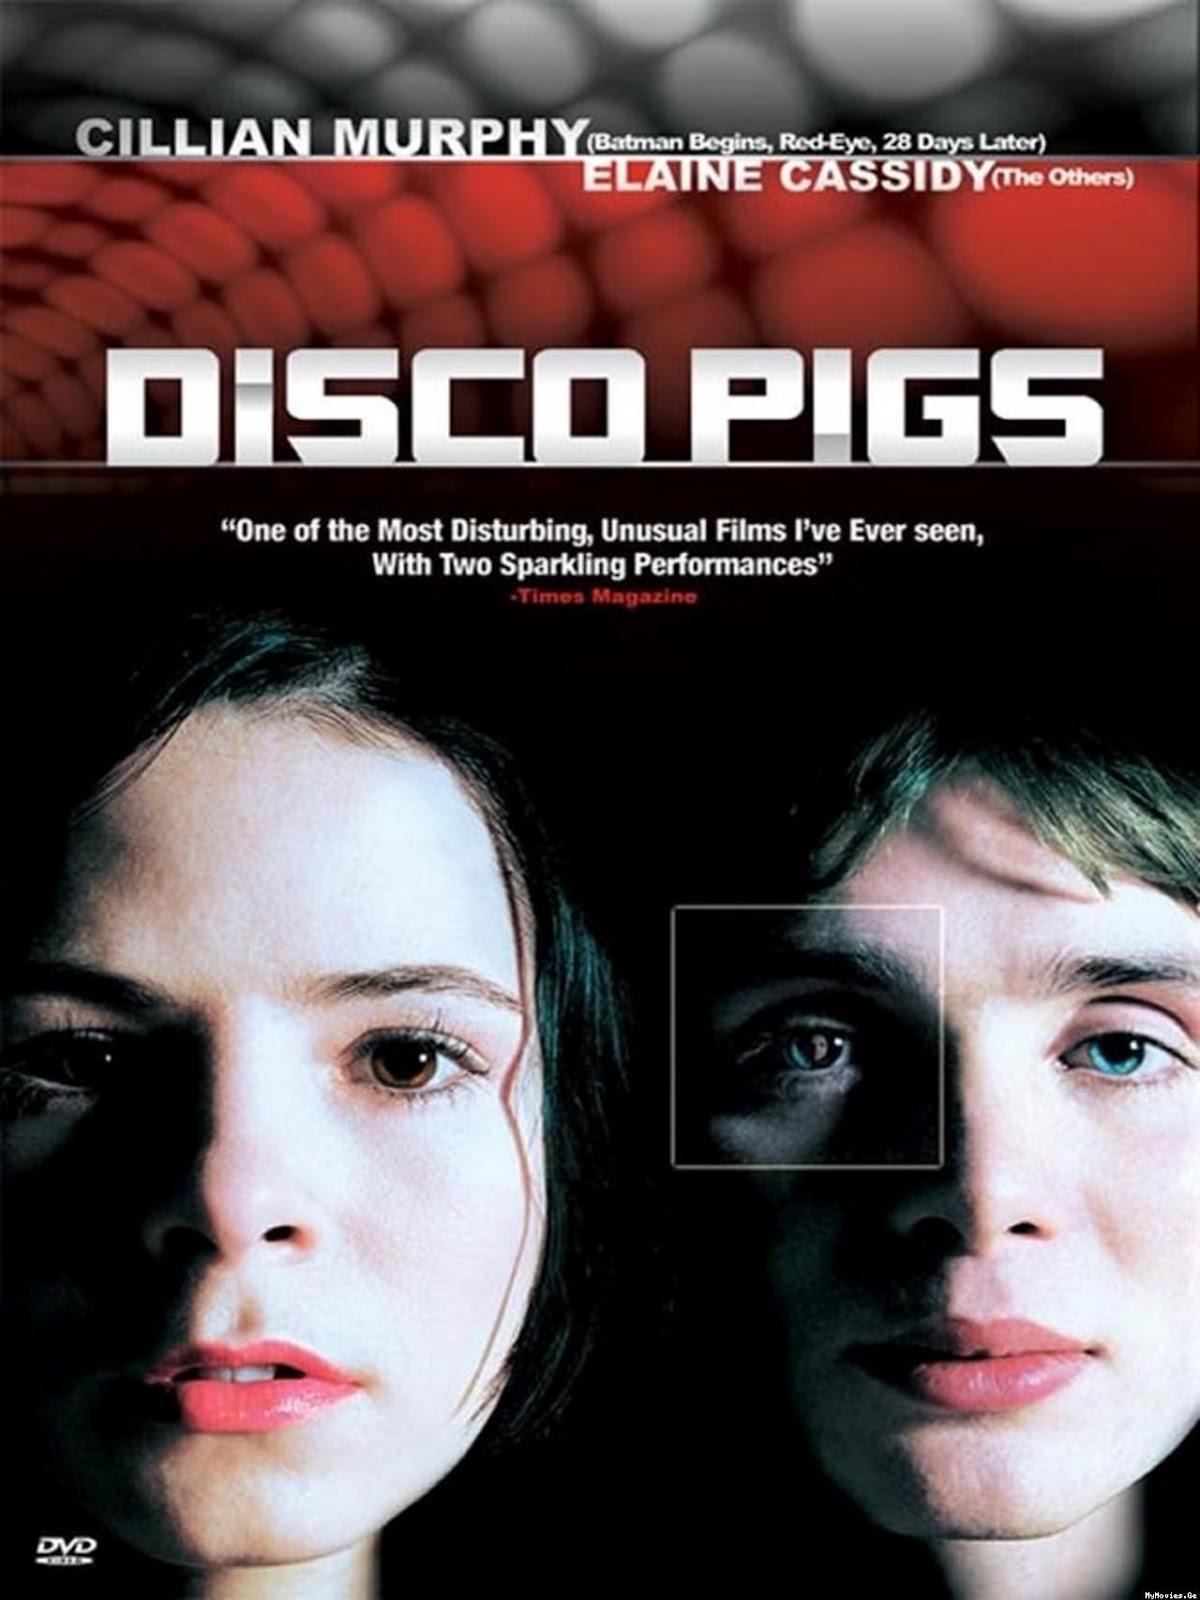 disco pigs - Music Recording